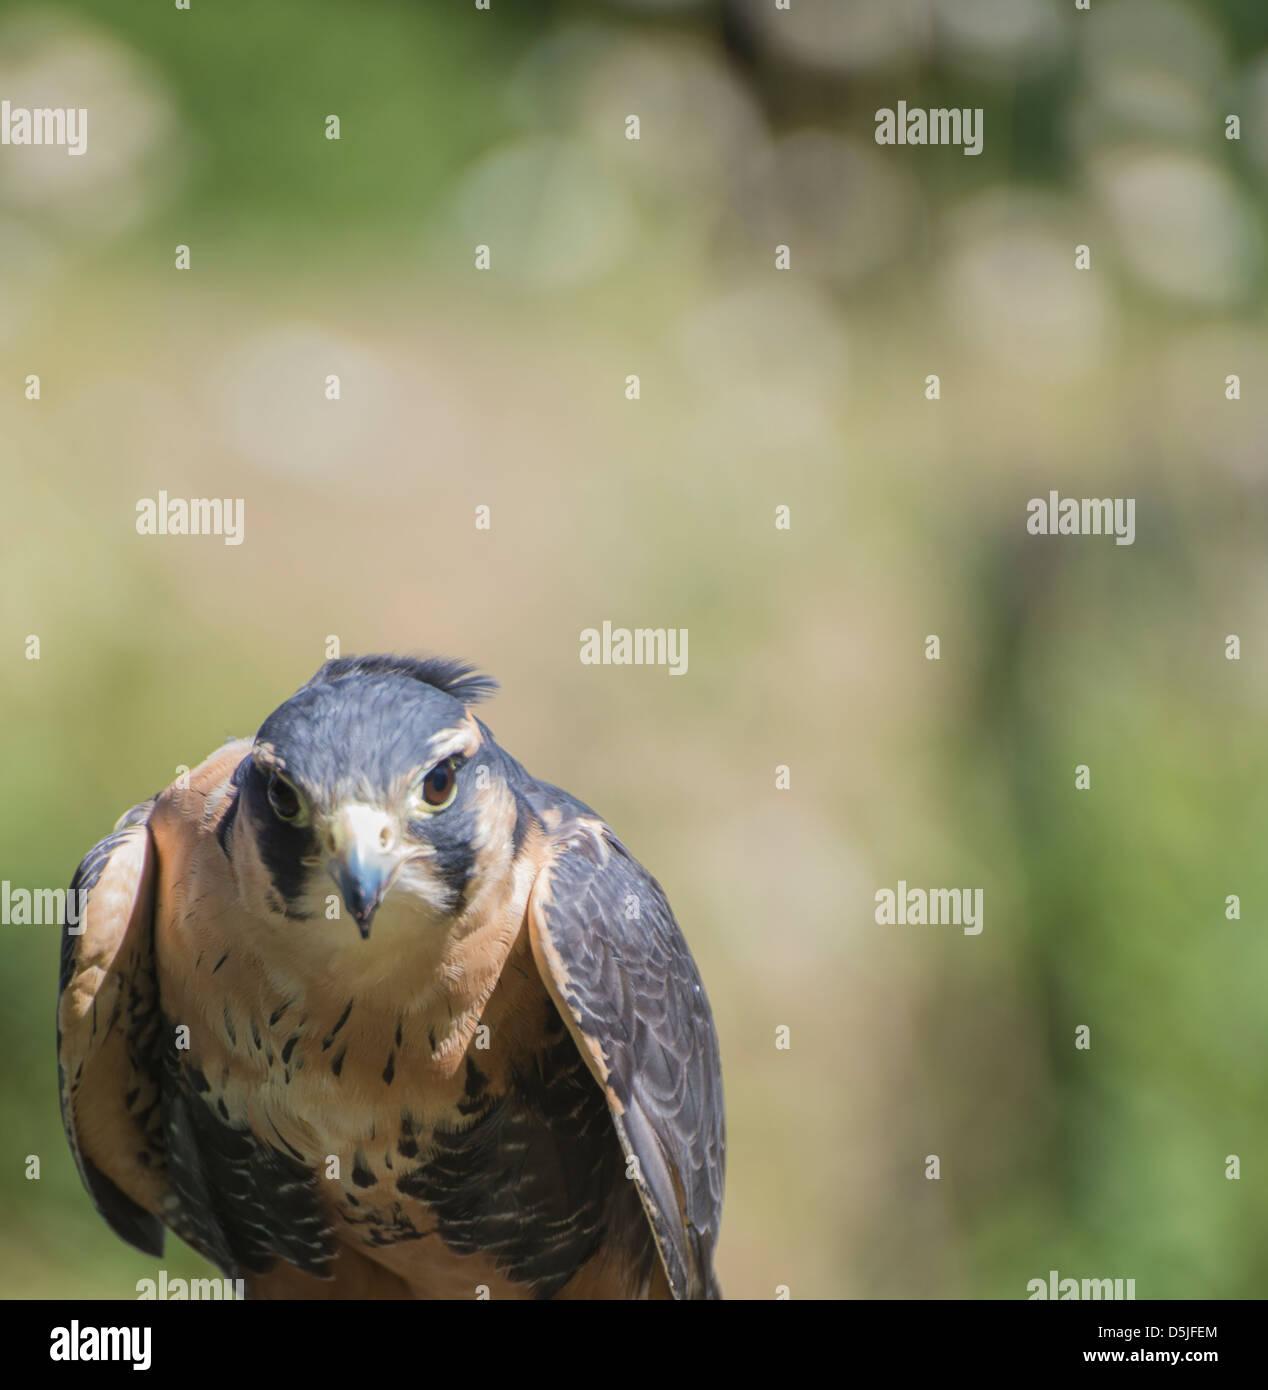 Hawk à avec beaucoup d'intérêt directement dans l'appareil photo. Photo Stock